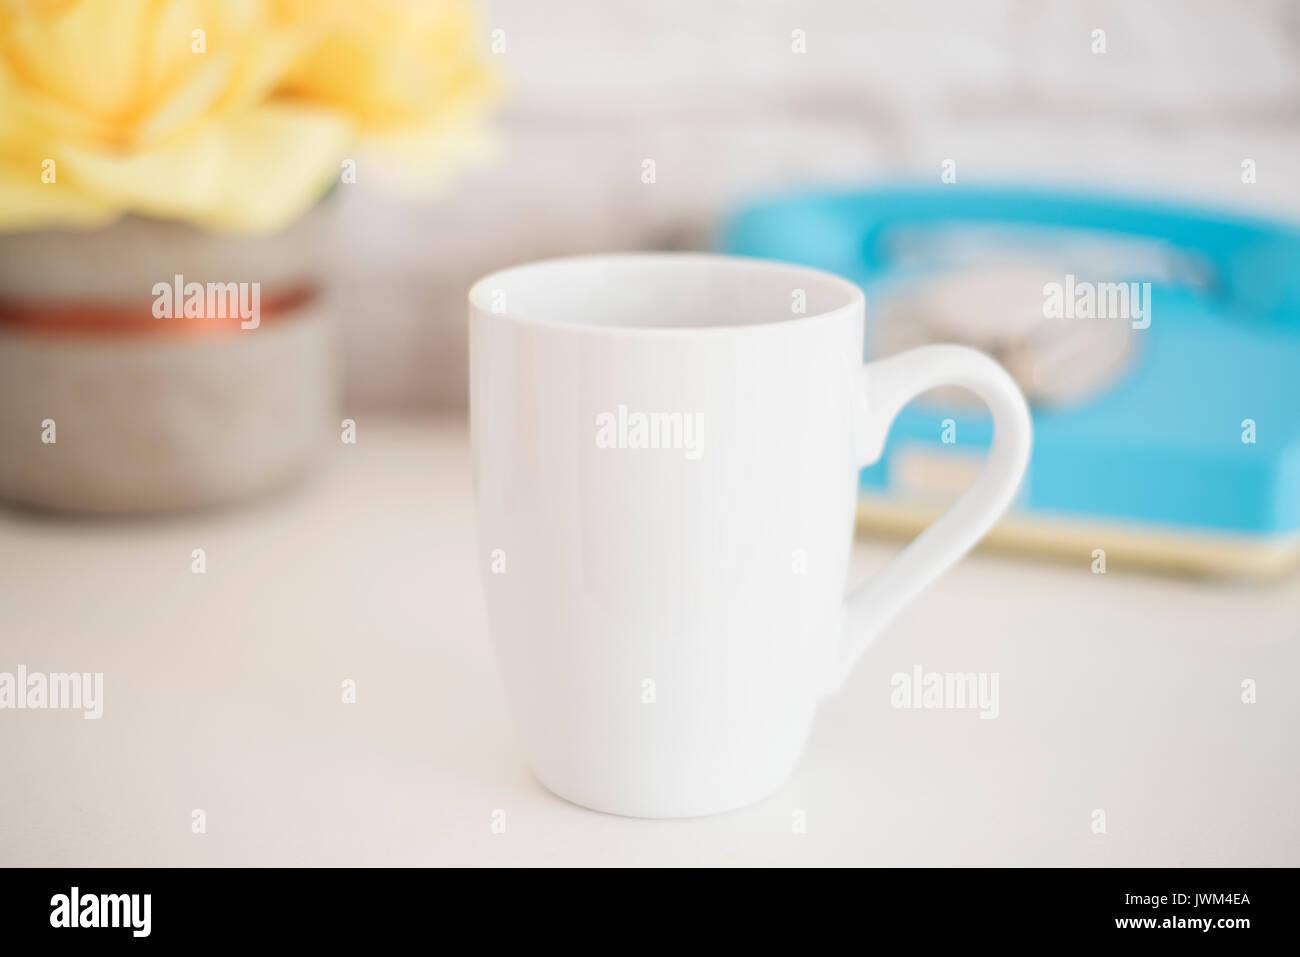 Becher Mockup. Kaffee Tasse Vorlage. Kaffeebecher Druck Design ...